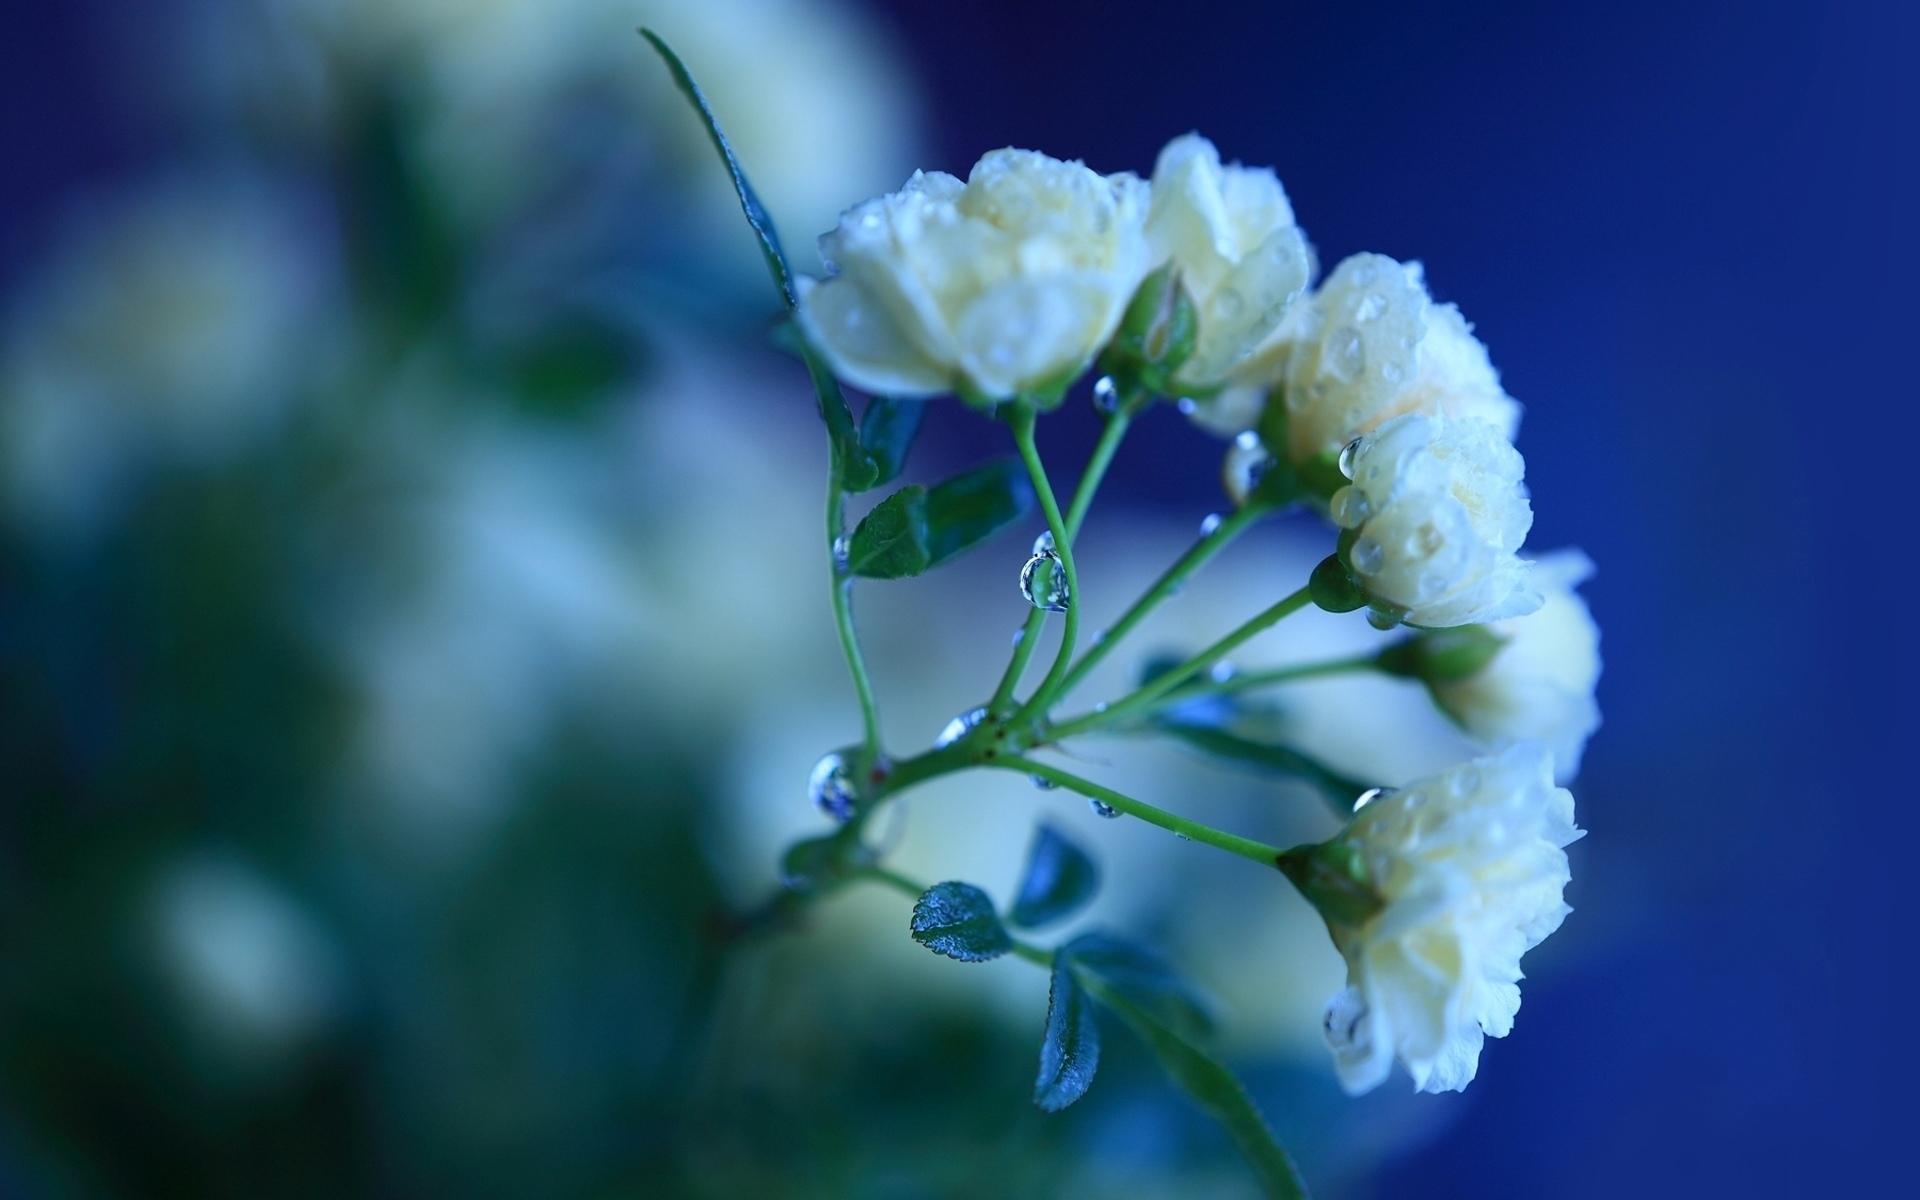 دانلود عکس پروفایل گل رز سفید